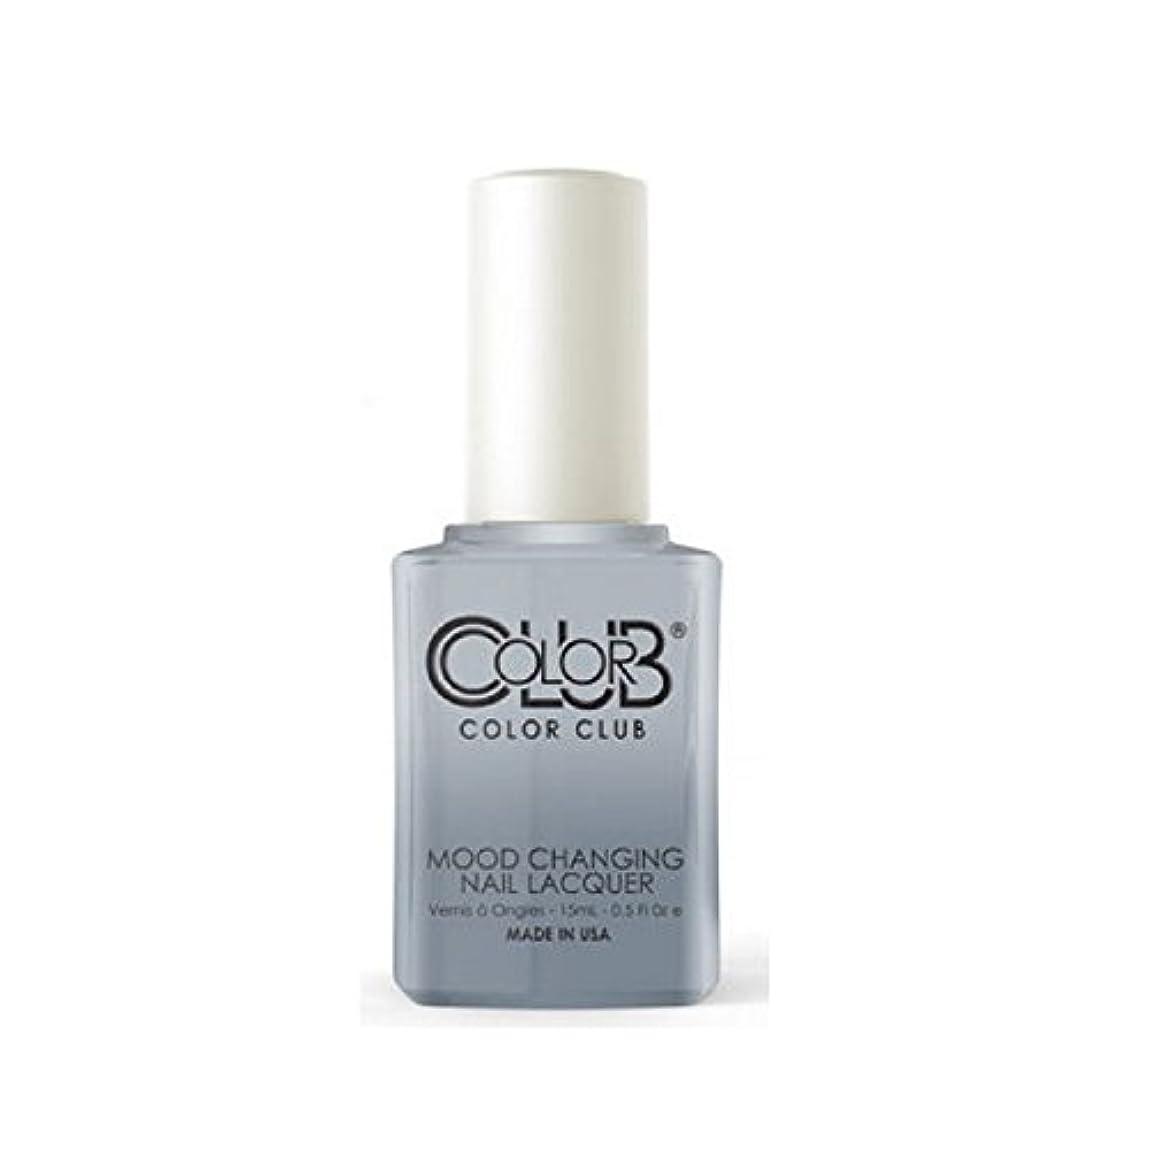 最小蒸気知覚Color Club Mood Changing Nail Lacquer - Head in the Clouds - 15 mL / 0.5 fl oz